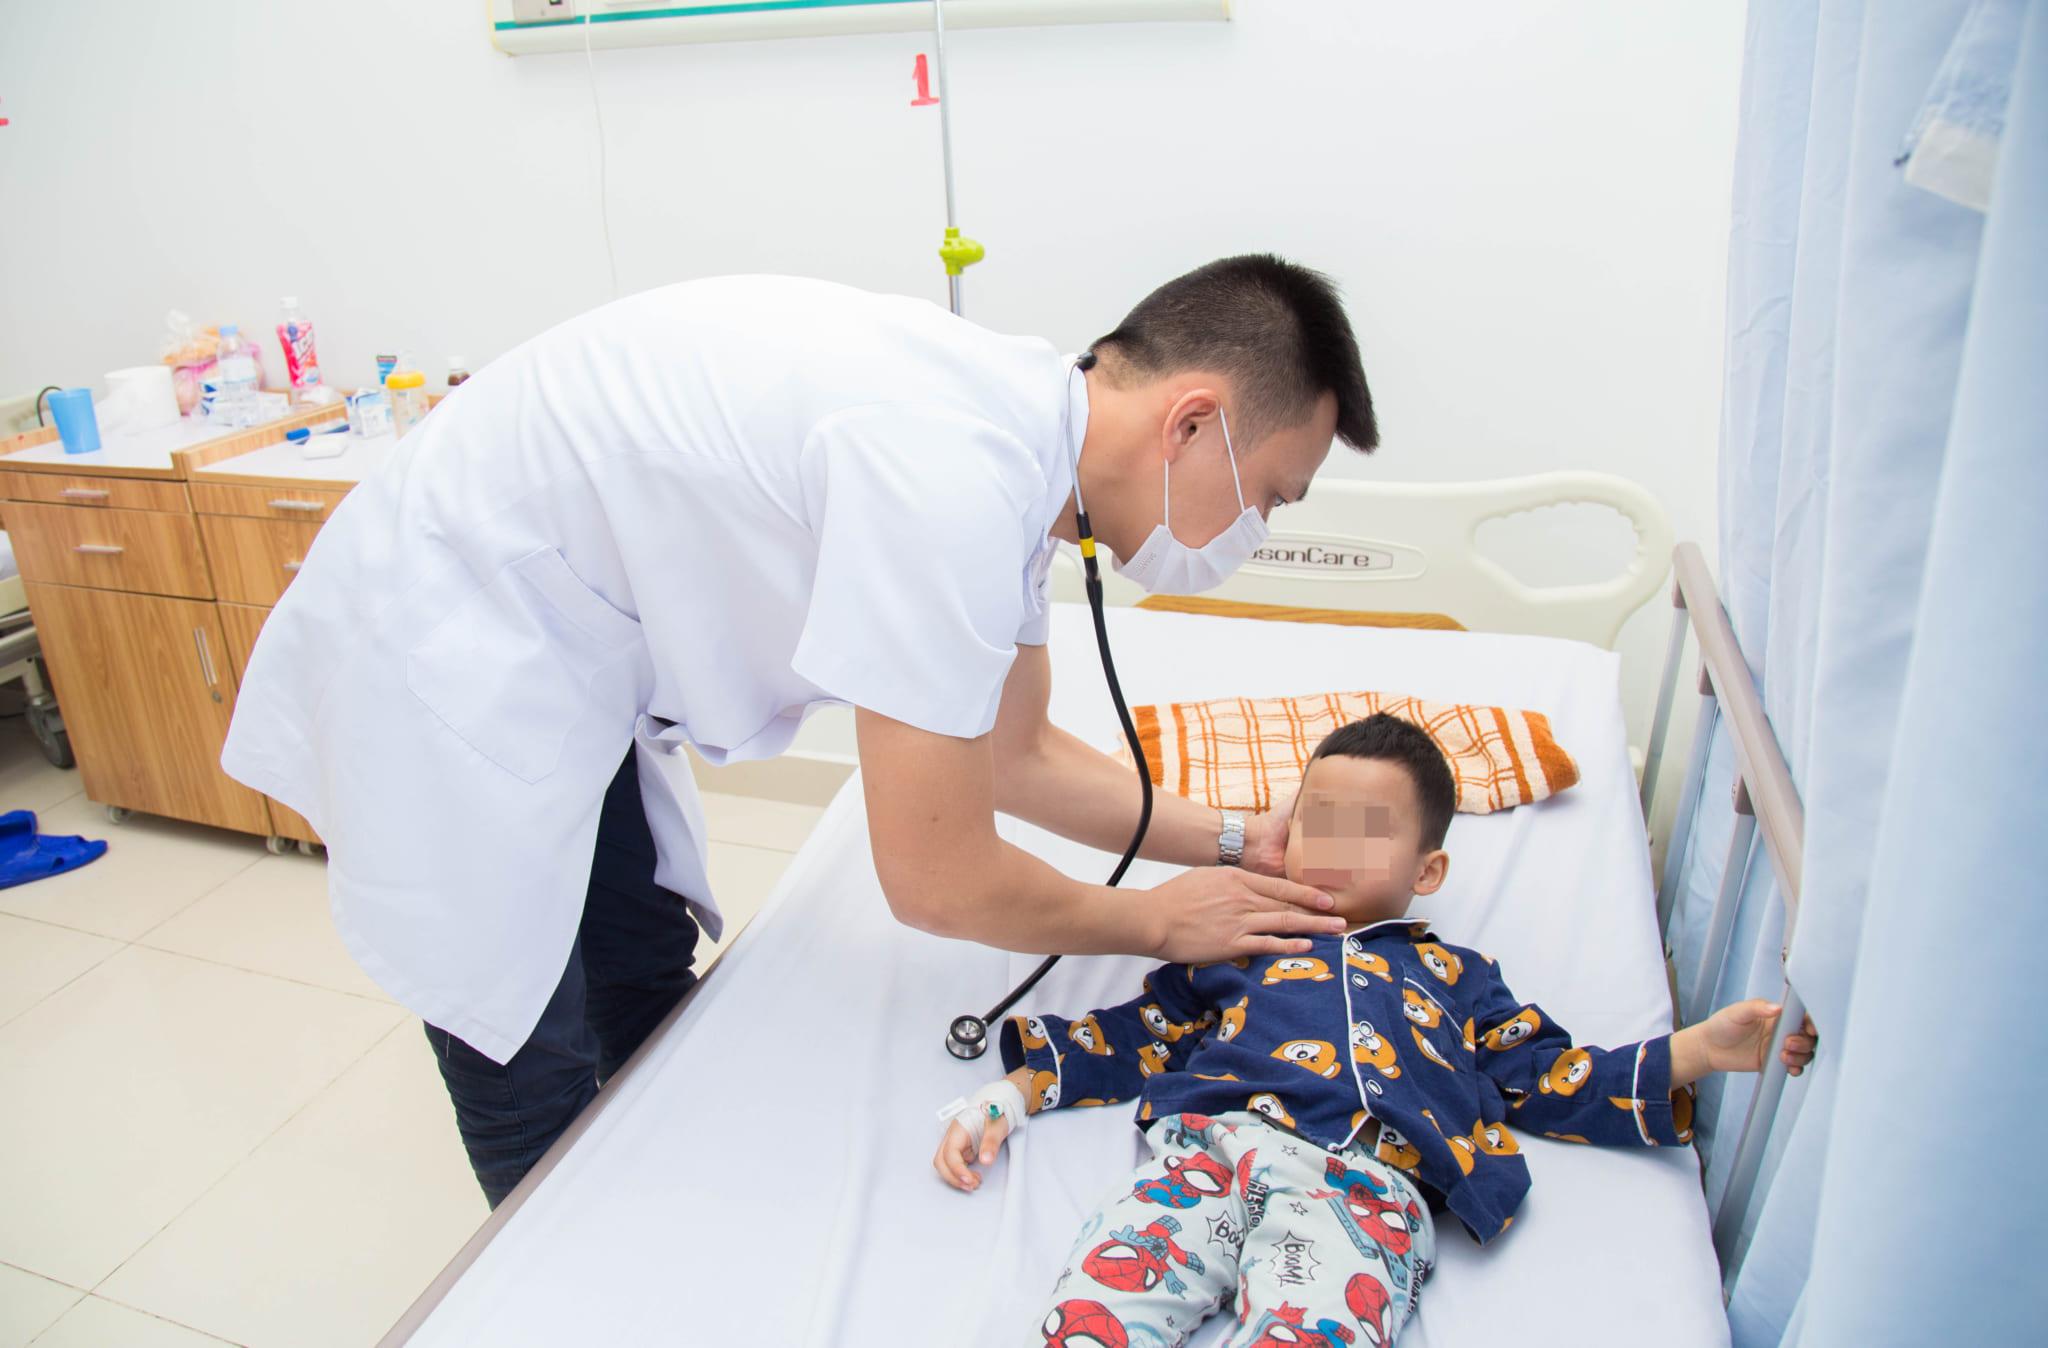 Viêm não ở trẻ em: Phát hiện sớm để điều trị kịp thời